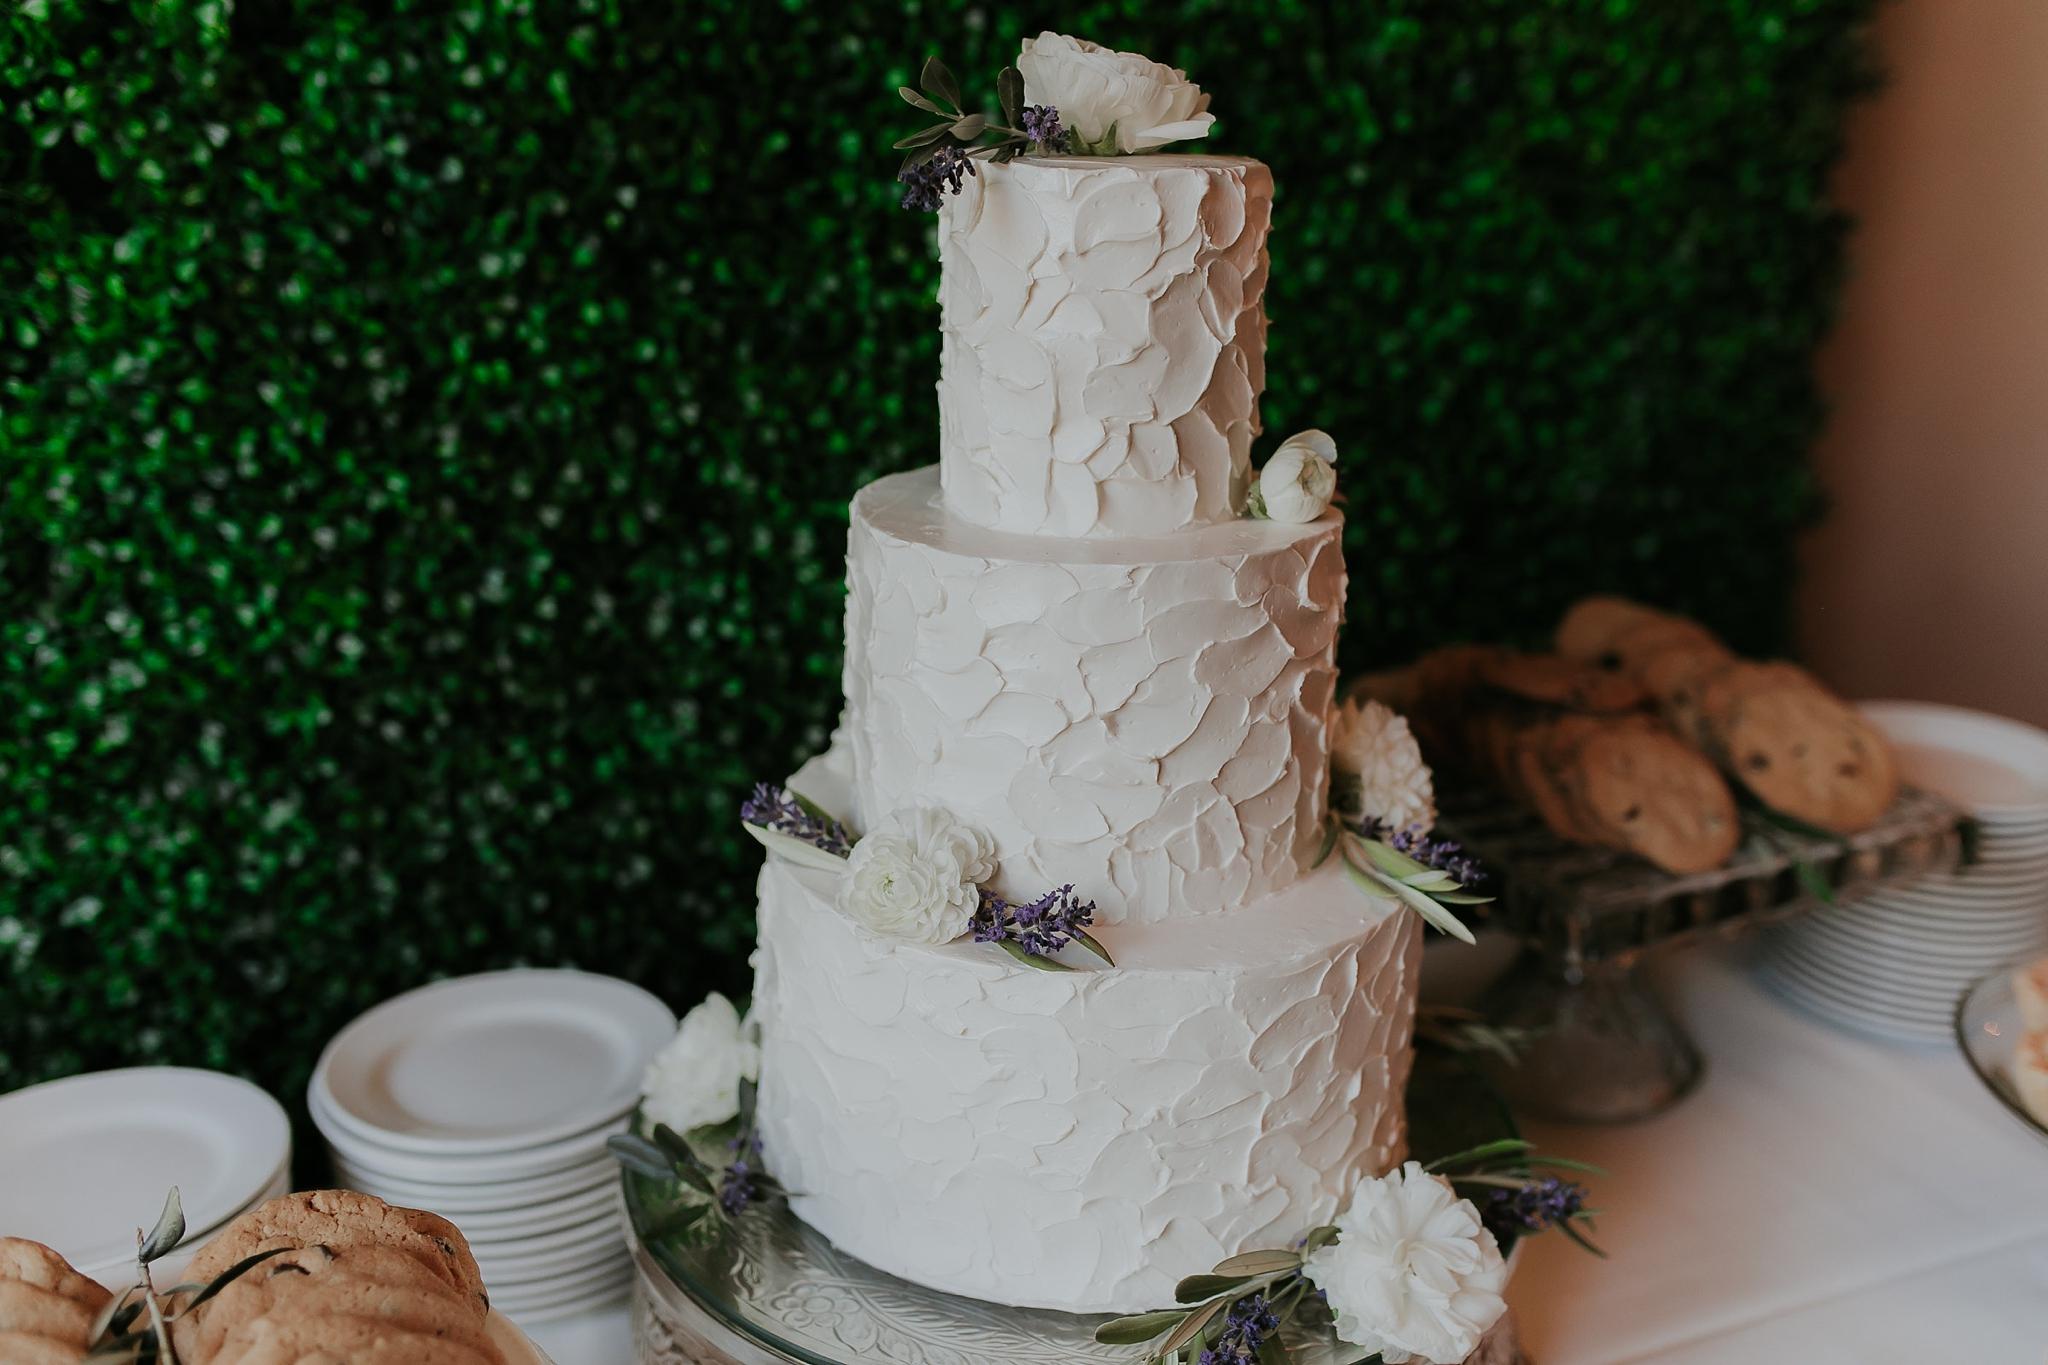 Alicia+lucia+photography+-+albuquerque+wedding+photographer+-+santa+fe+wedding+photography+-+new+mexico+wedding+photographer+-+wedding+reception+-+wedding+cake+-+wedding+sweets+-+maggies+cakes_0025.jpg